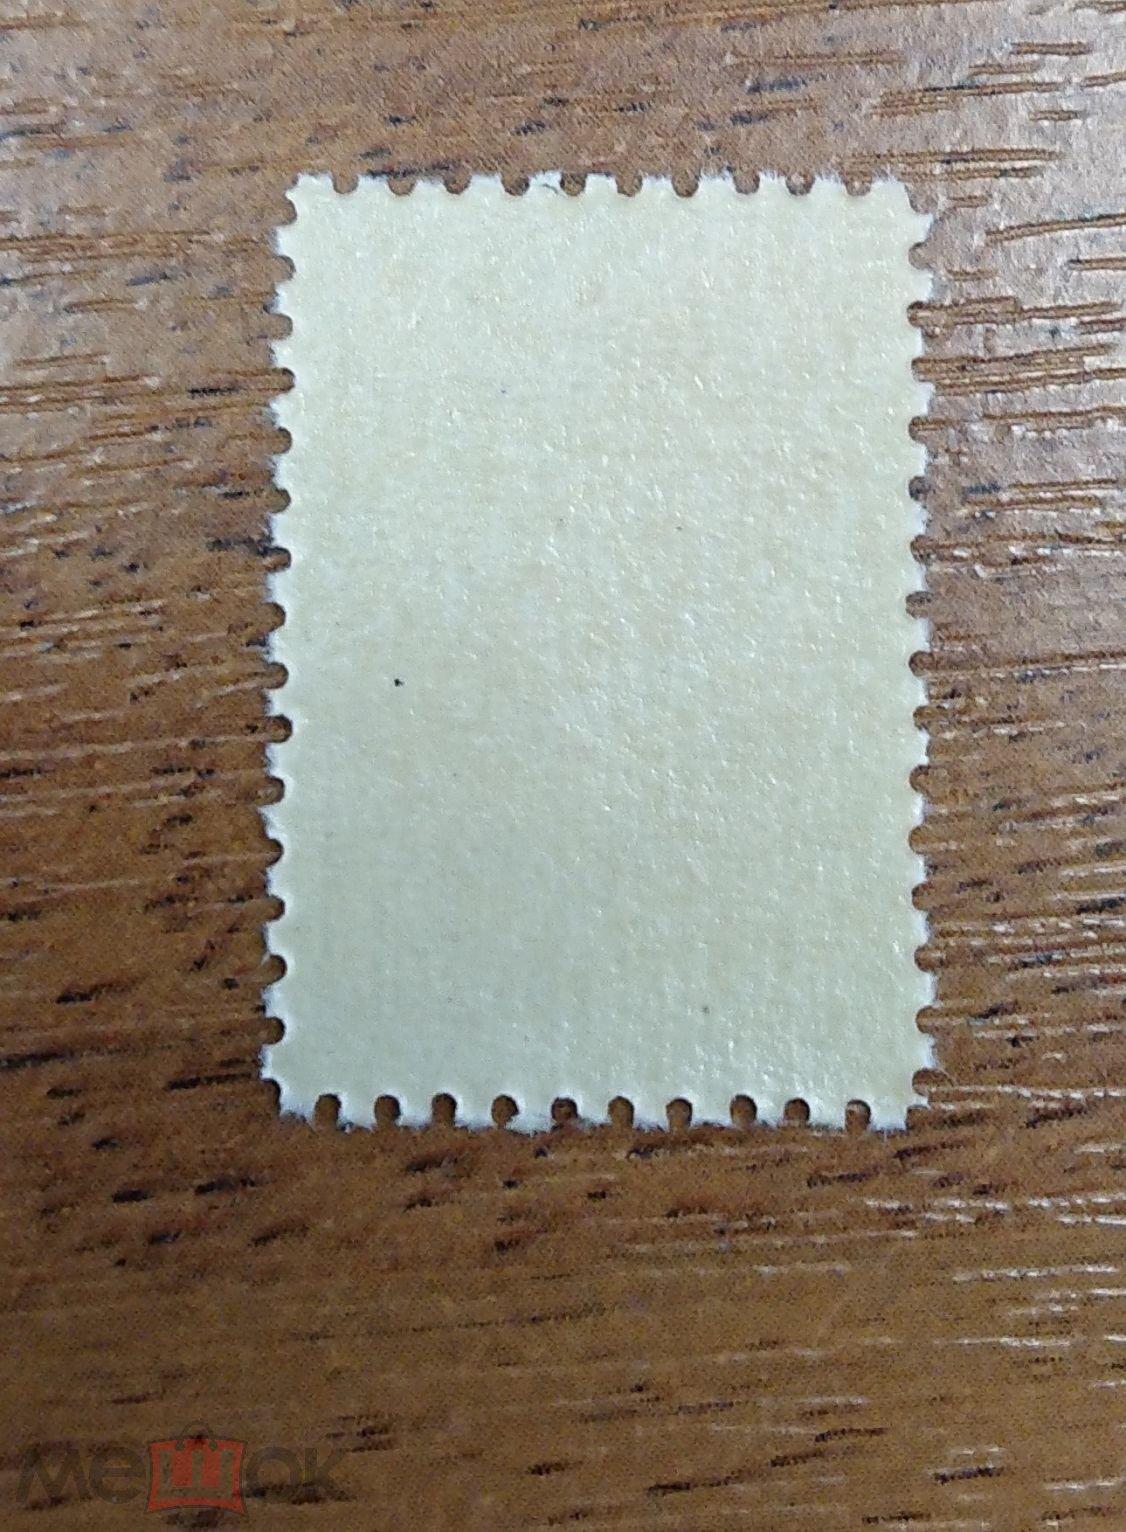 СССР 1958 1959 Стандарт Сталевар 60 коп Металлография Плотная бумага СК 2134 2219 Гаш